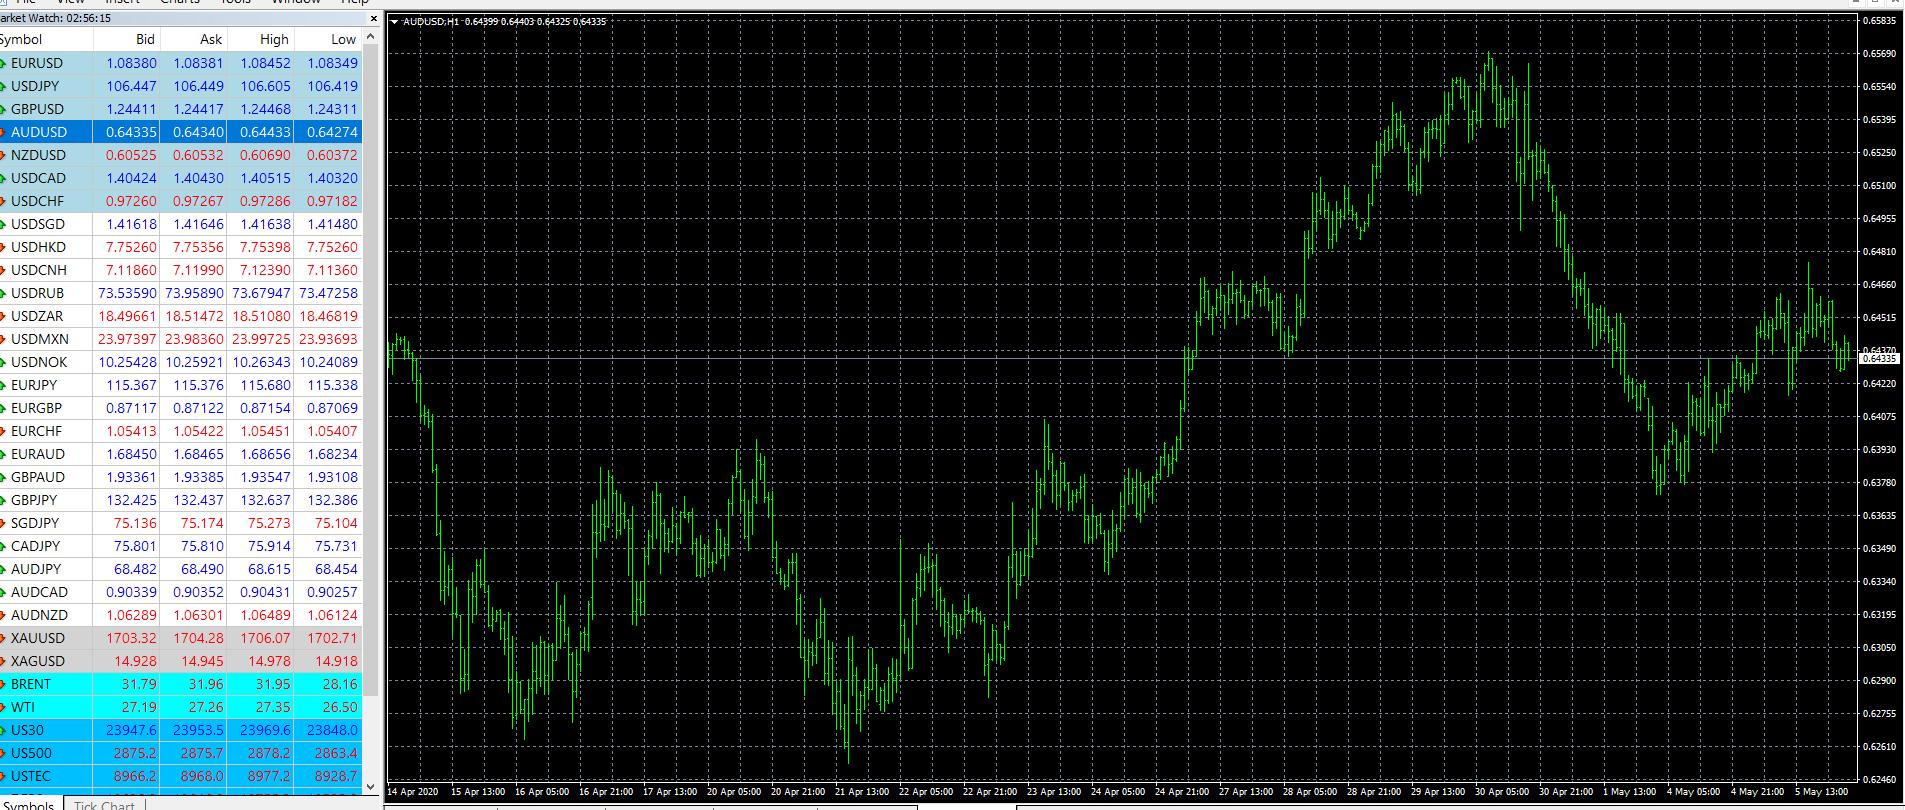 AUDUSD - Royal Financial Trading H1 Chart - 06 May 2020